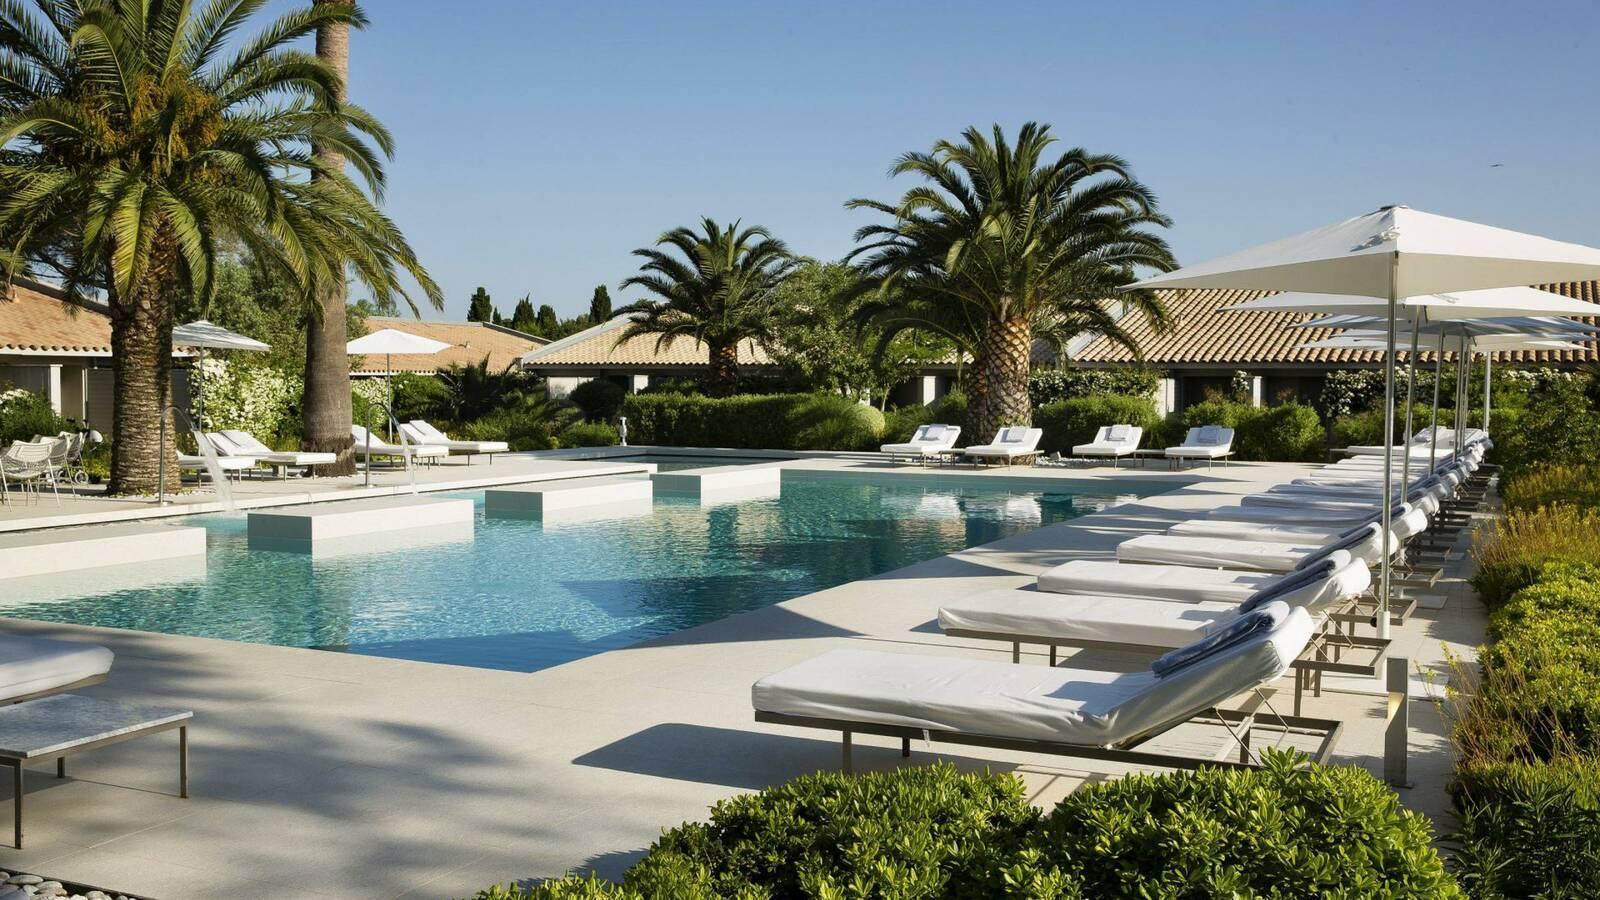 Hotel Sezz Piscine Saint Tropez